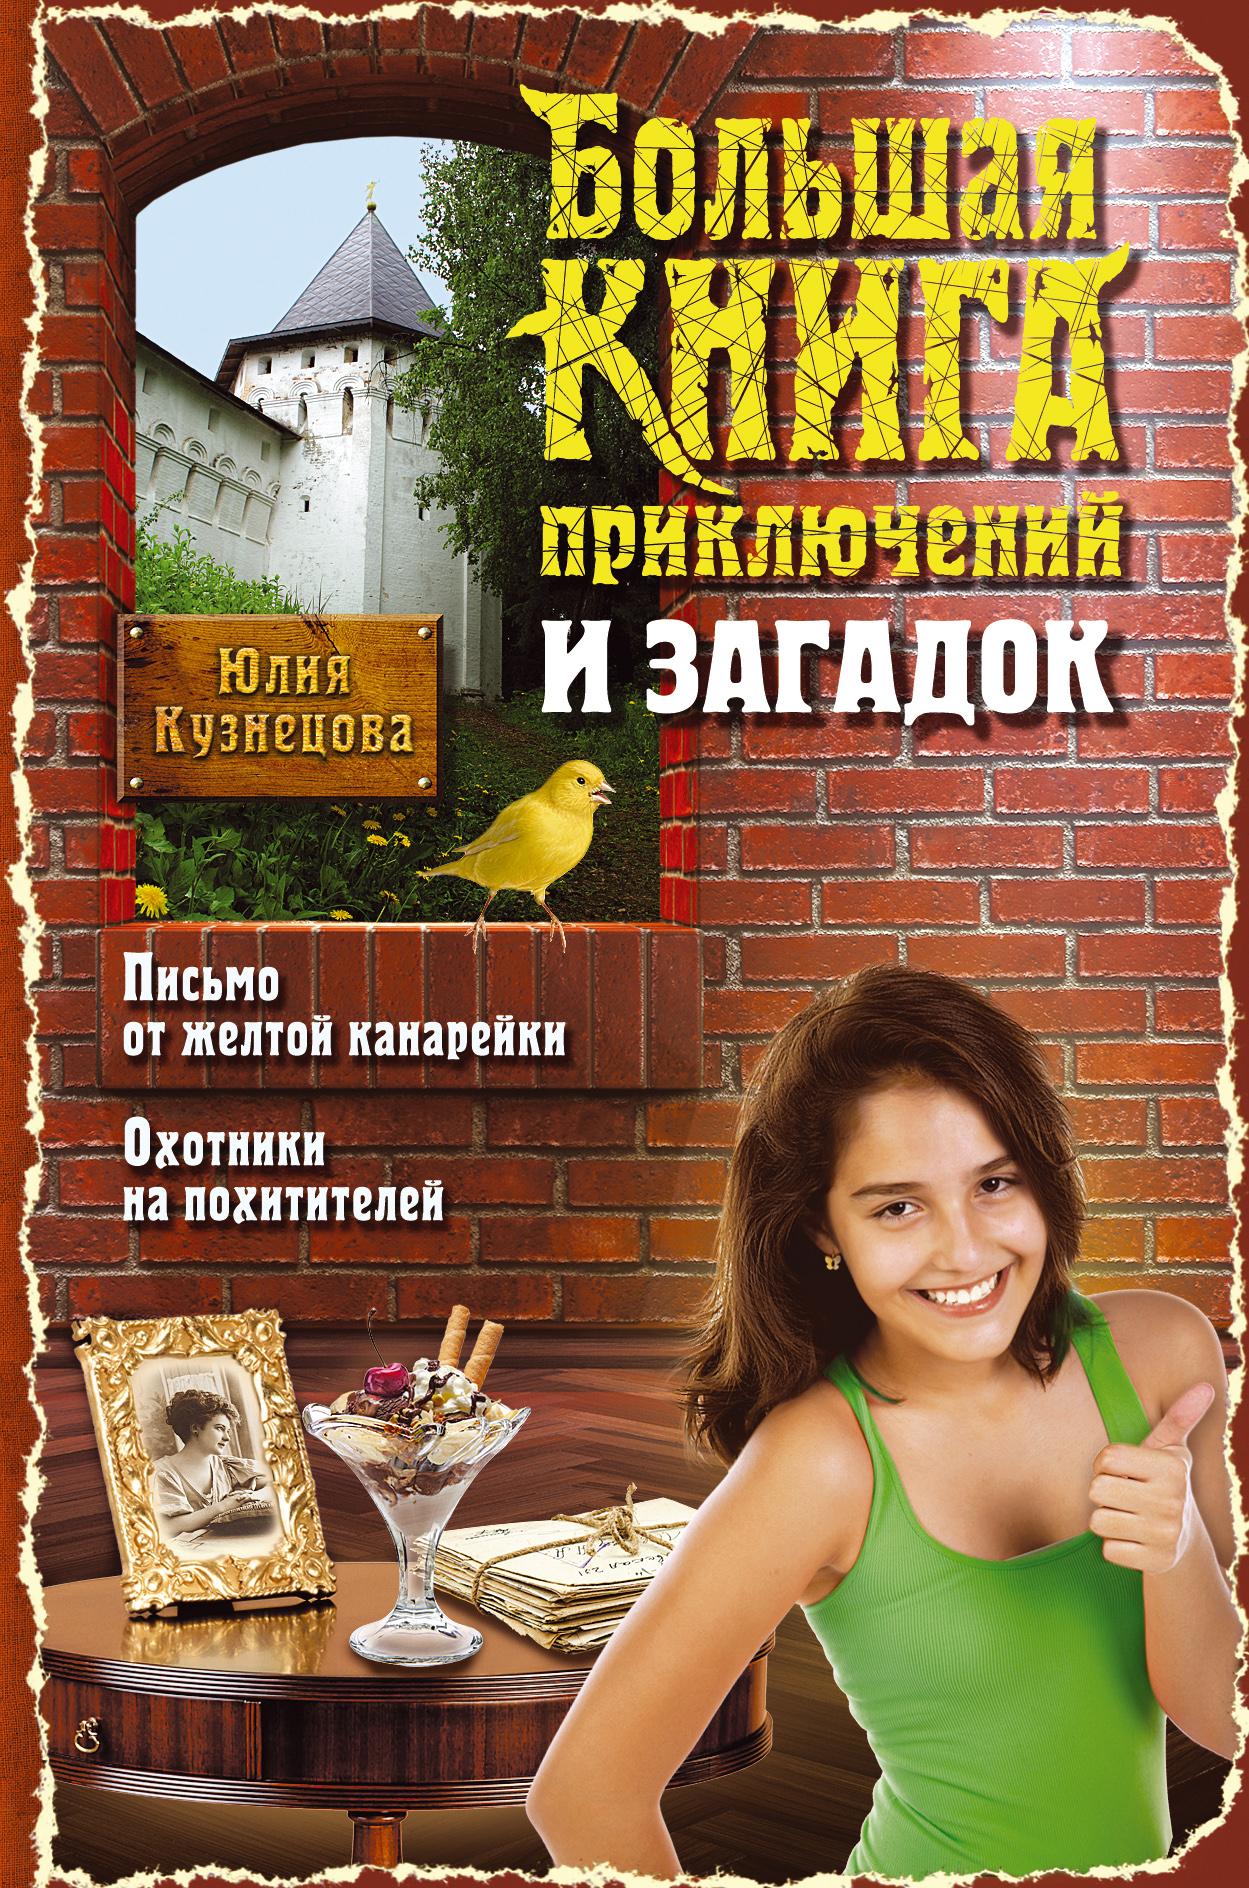 Большая книга приключений и загадок